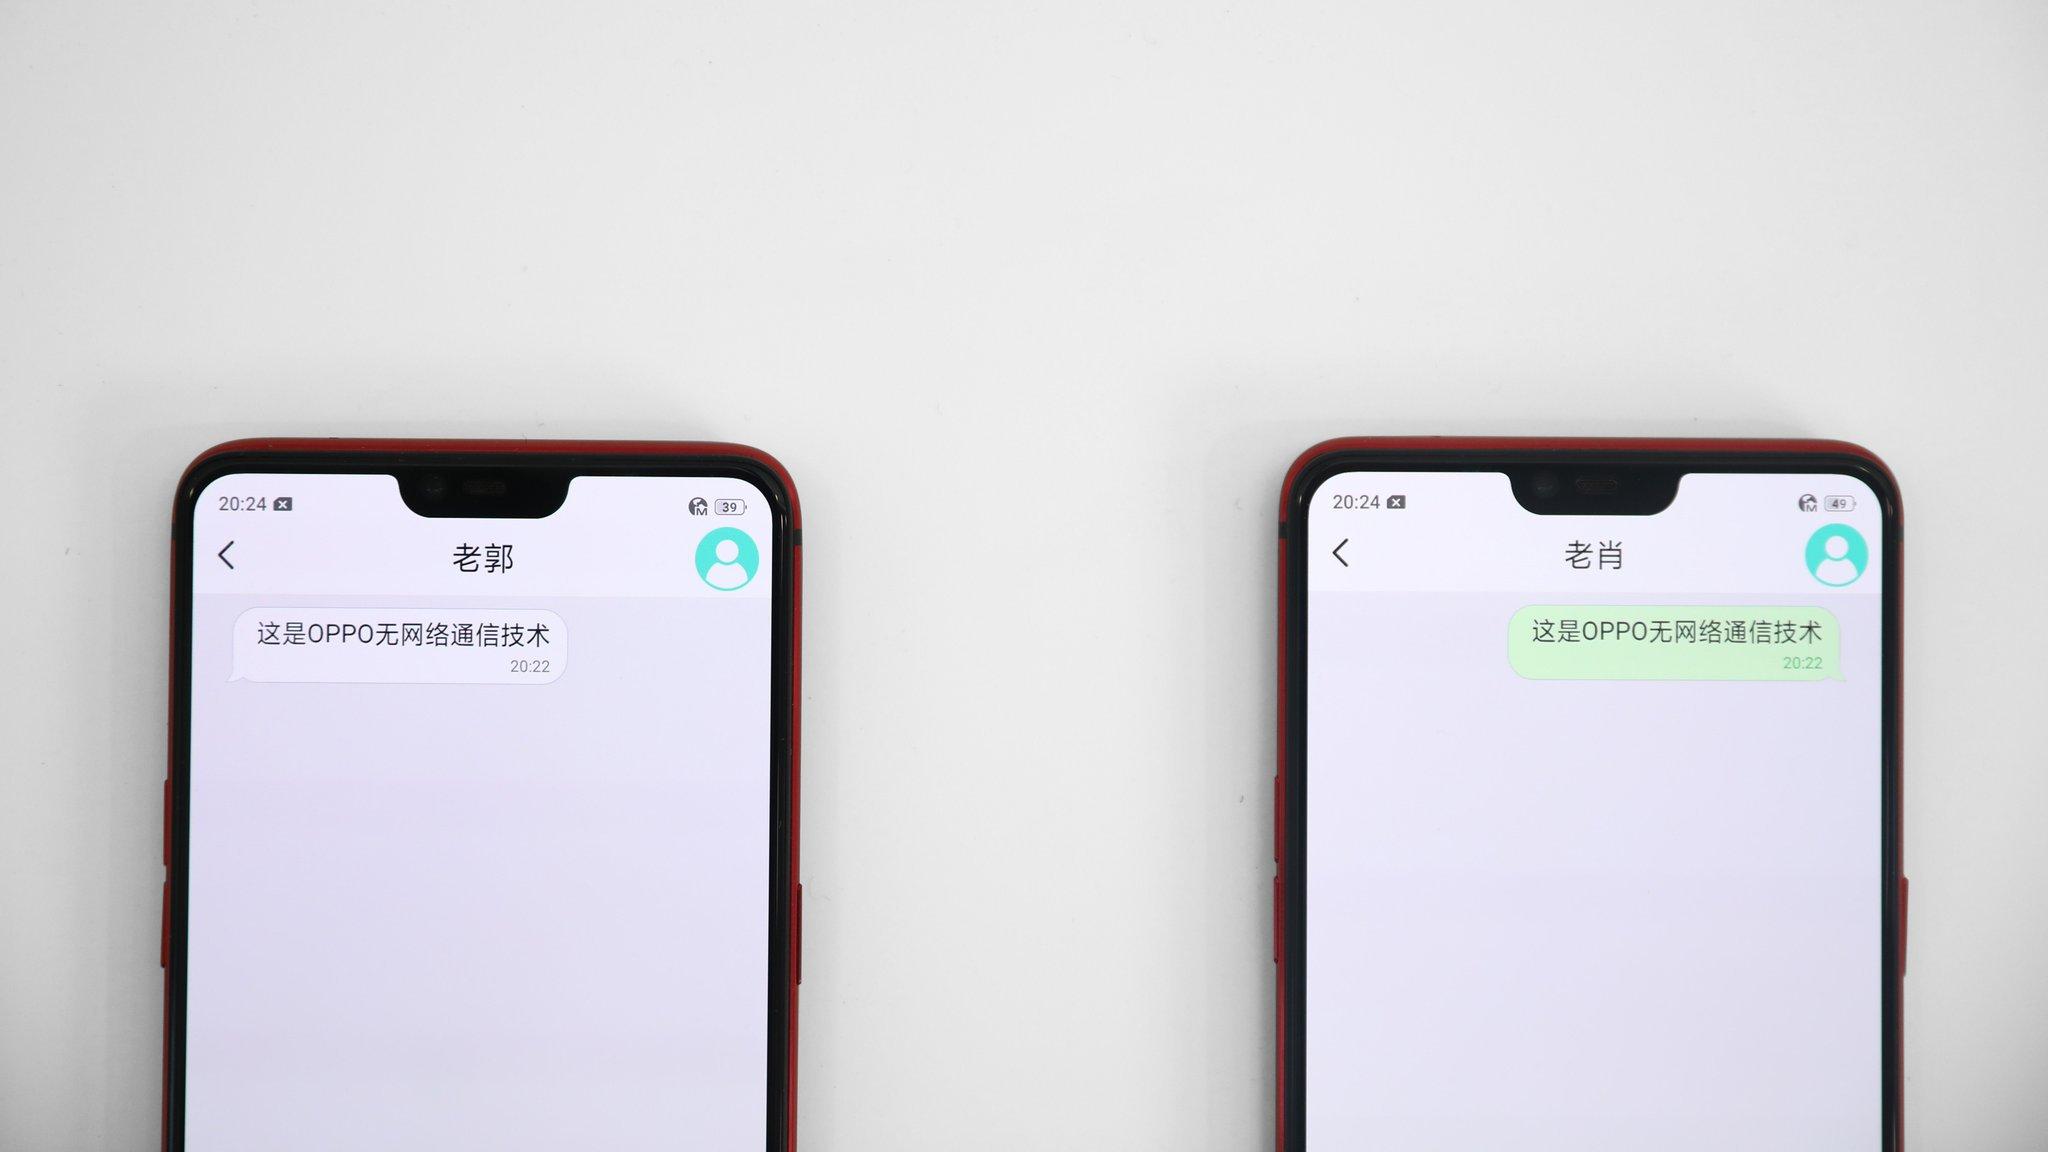 Oppo MeshTalk annunciata ufficialmente: chiamate e messaggi senza connessione dati o Wi-Fi senza problemi per la privacy